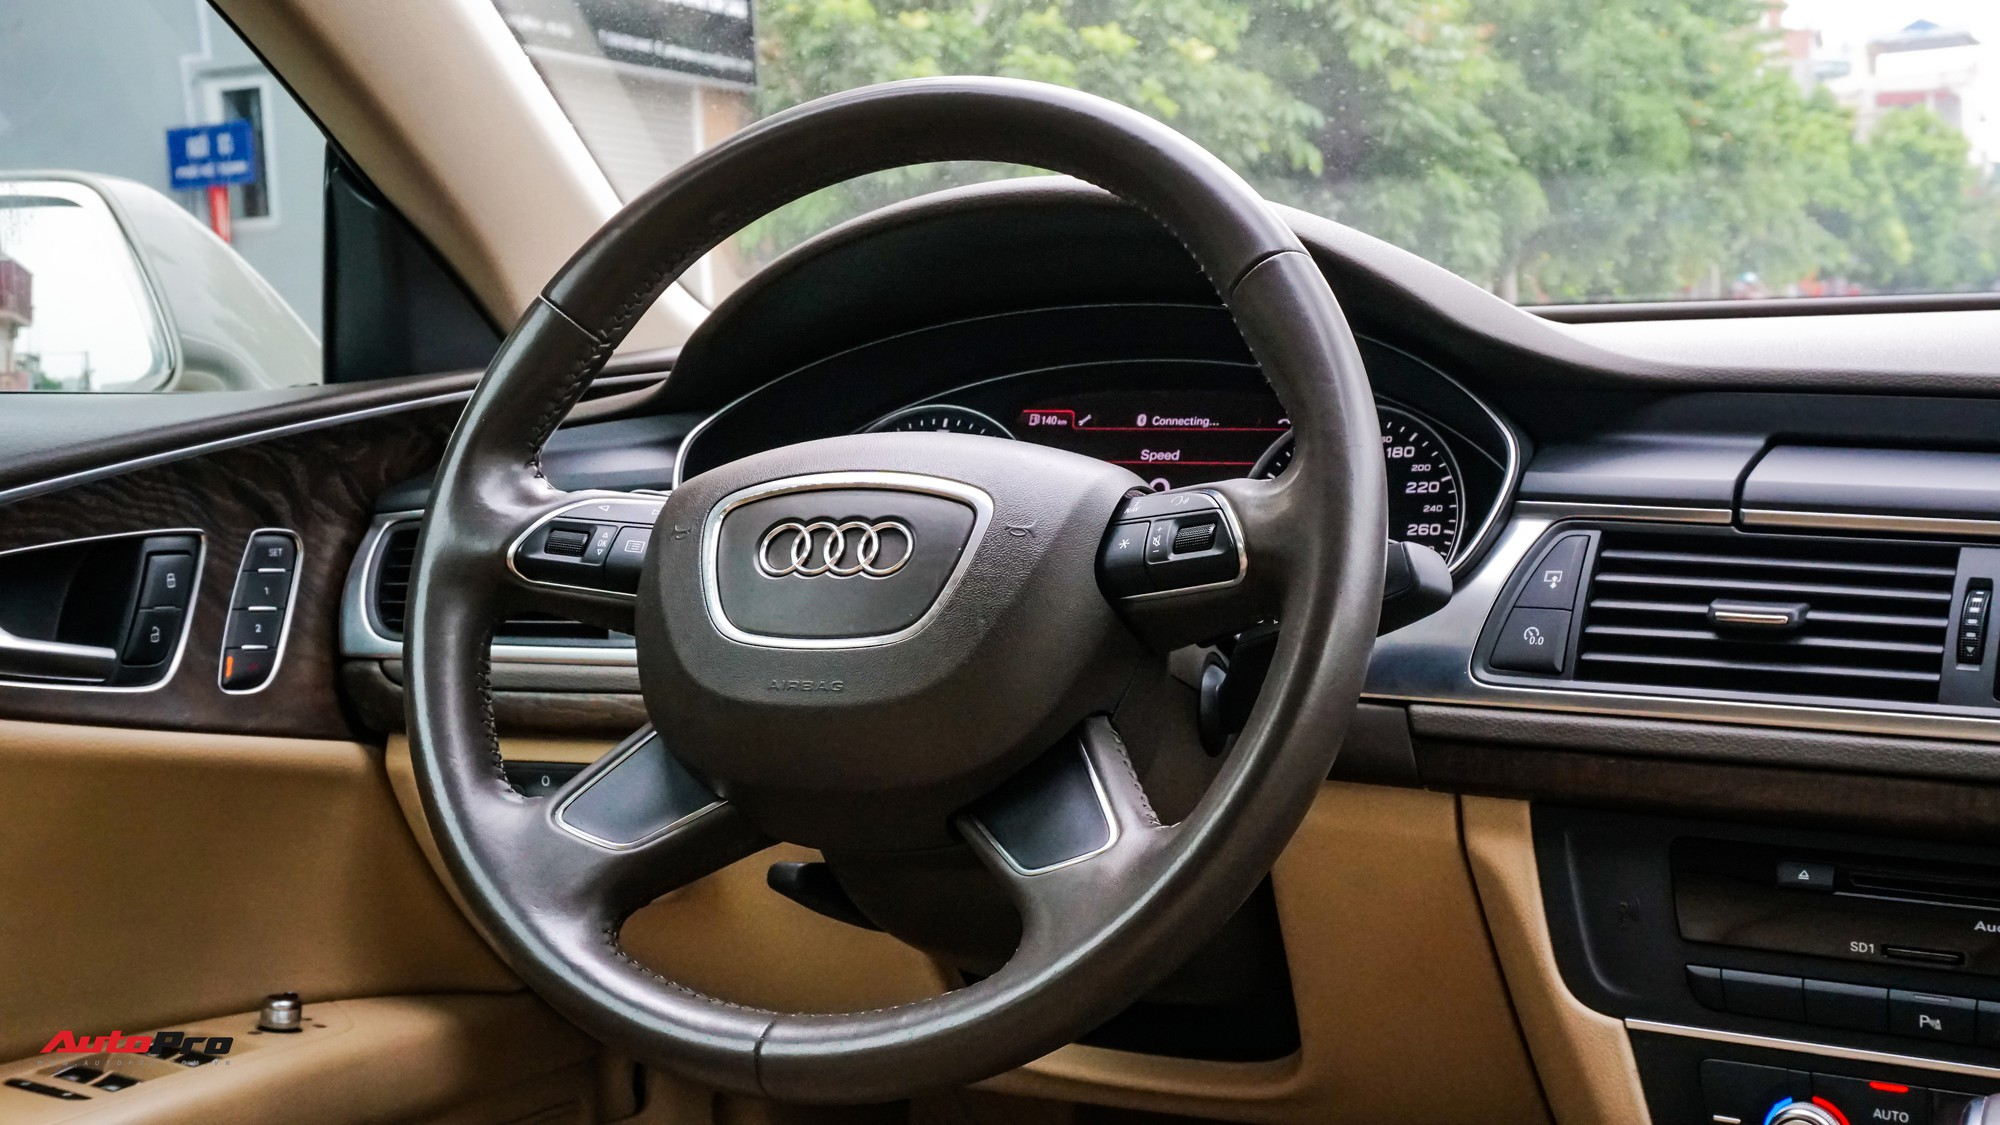 Audi A7 Sportback 7 năm tuổi bán lại 1,5 tỷ đồng tại Hà Nội - Ảnh 7.